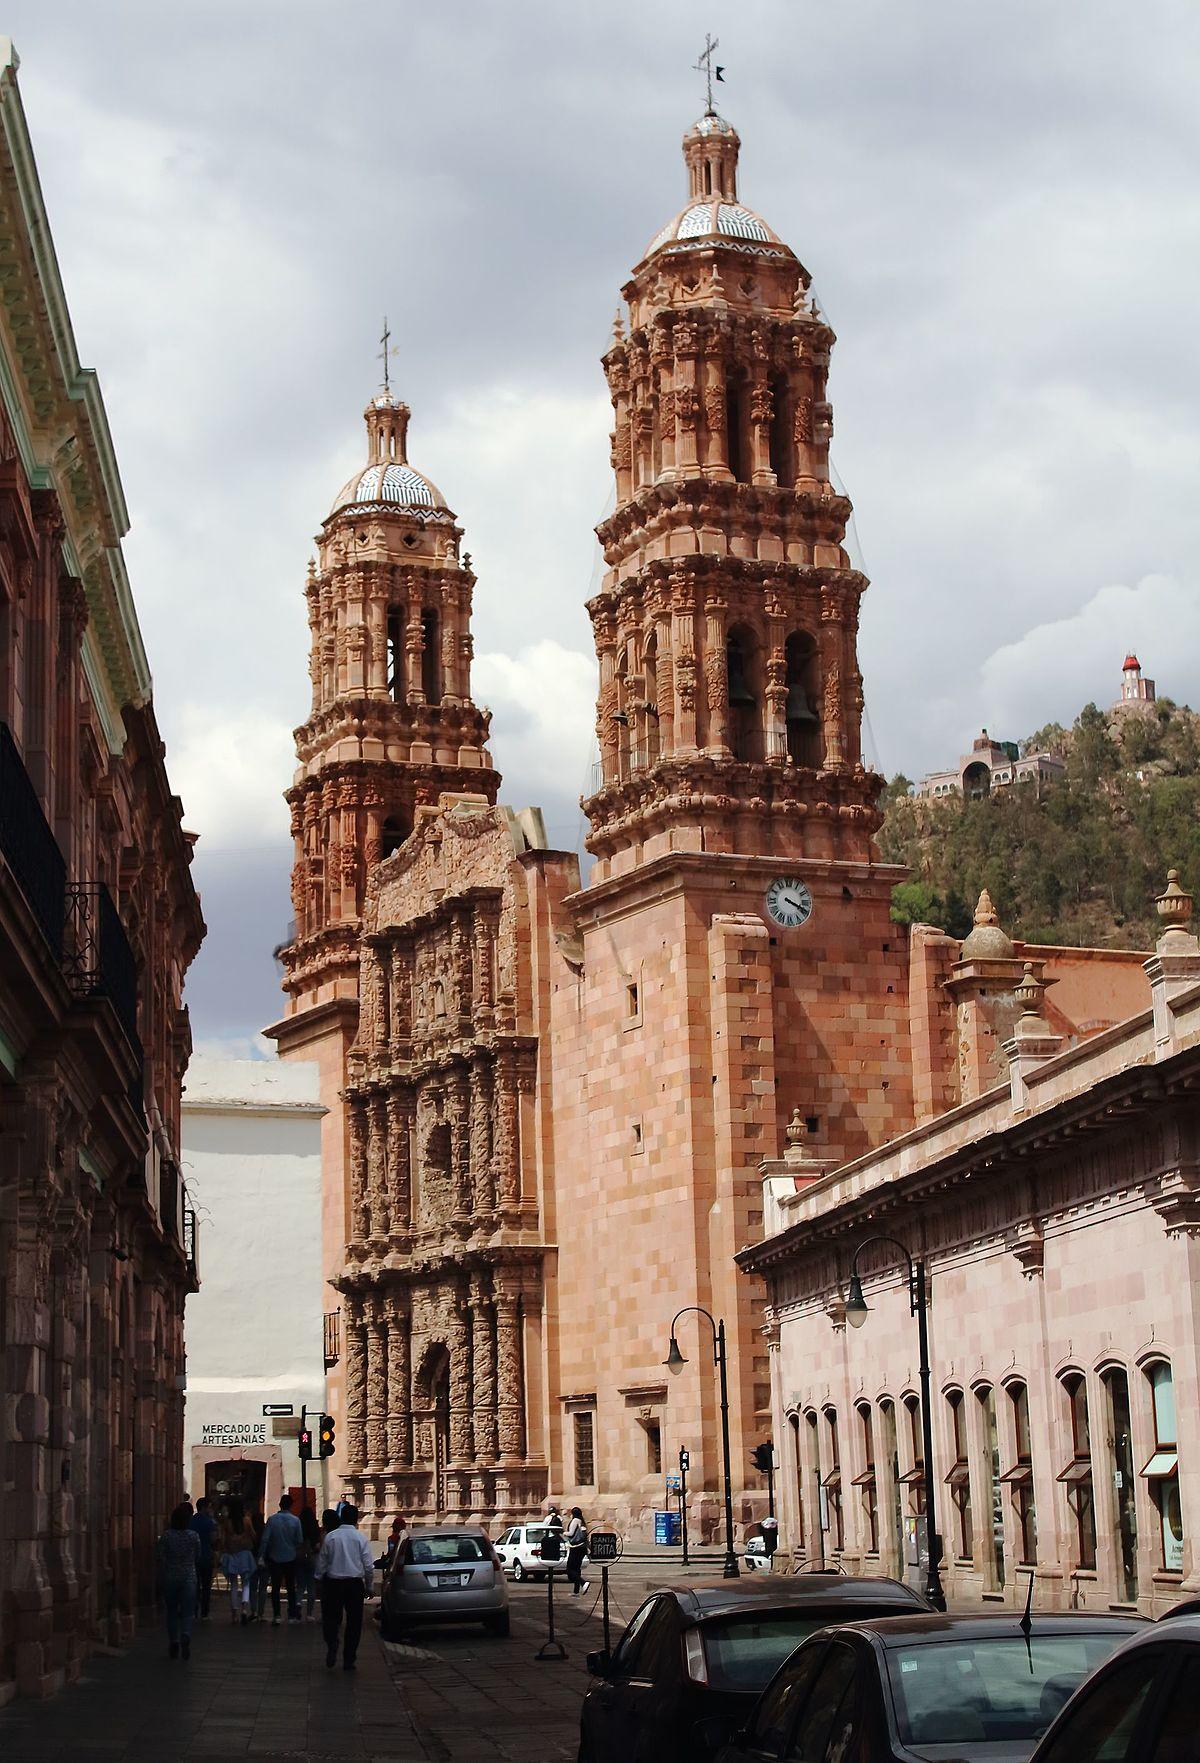 Catedral basílica de Zacatecas - Wikipedia, la enciclopedia libre